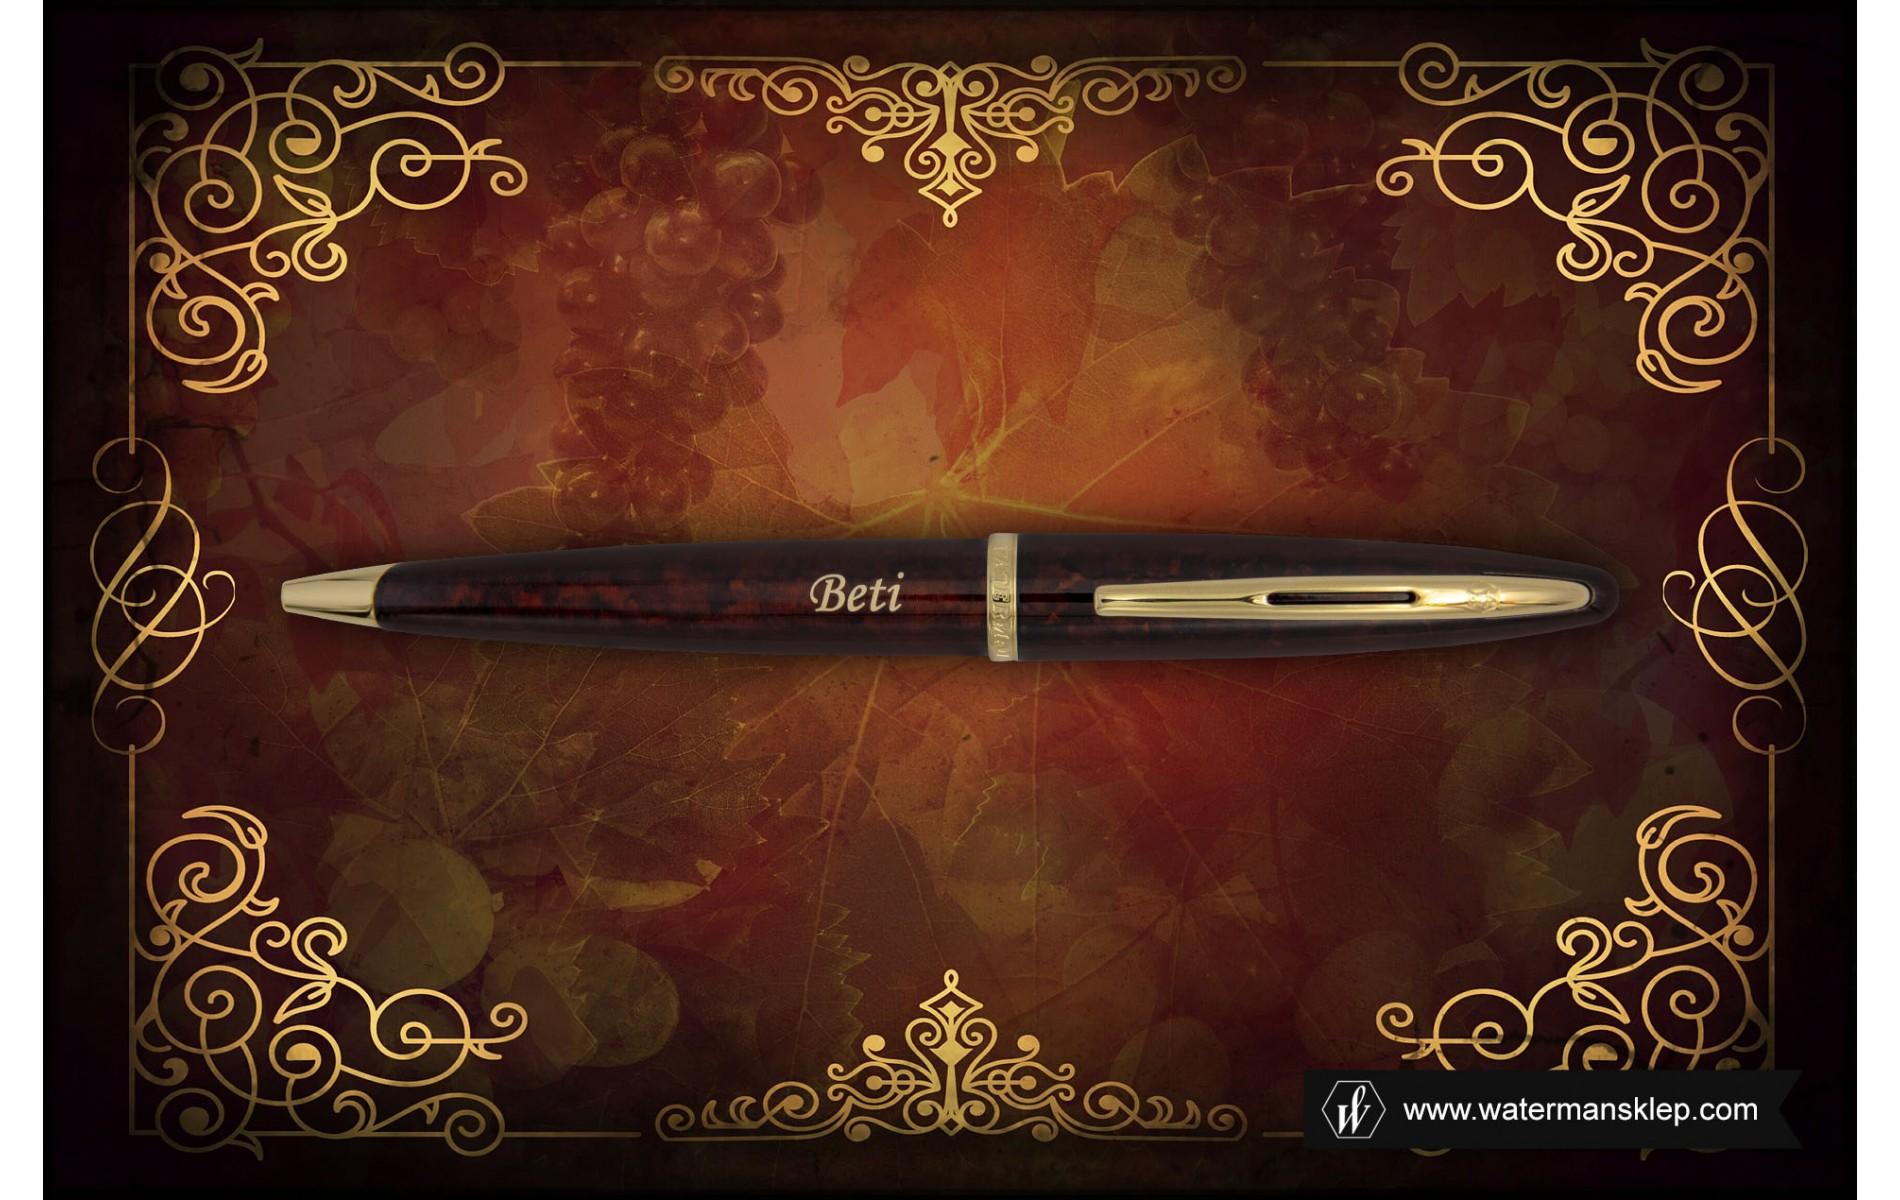 Długopis Waterman Carene bursztyn GT [S0700940] z grawerem BETI